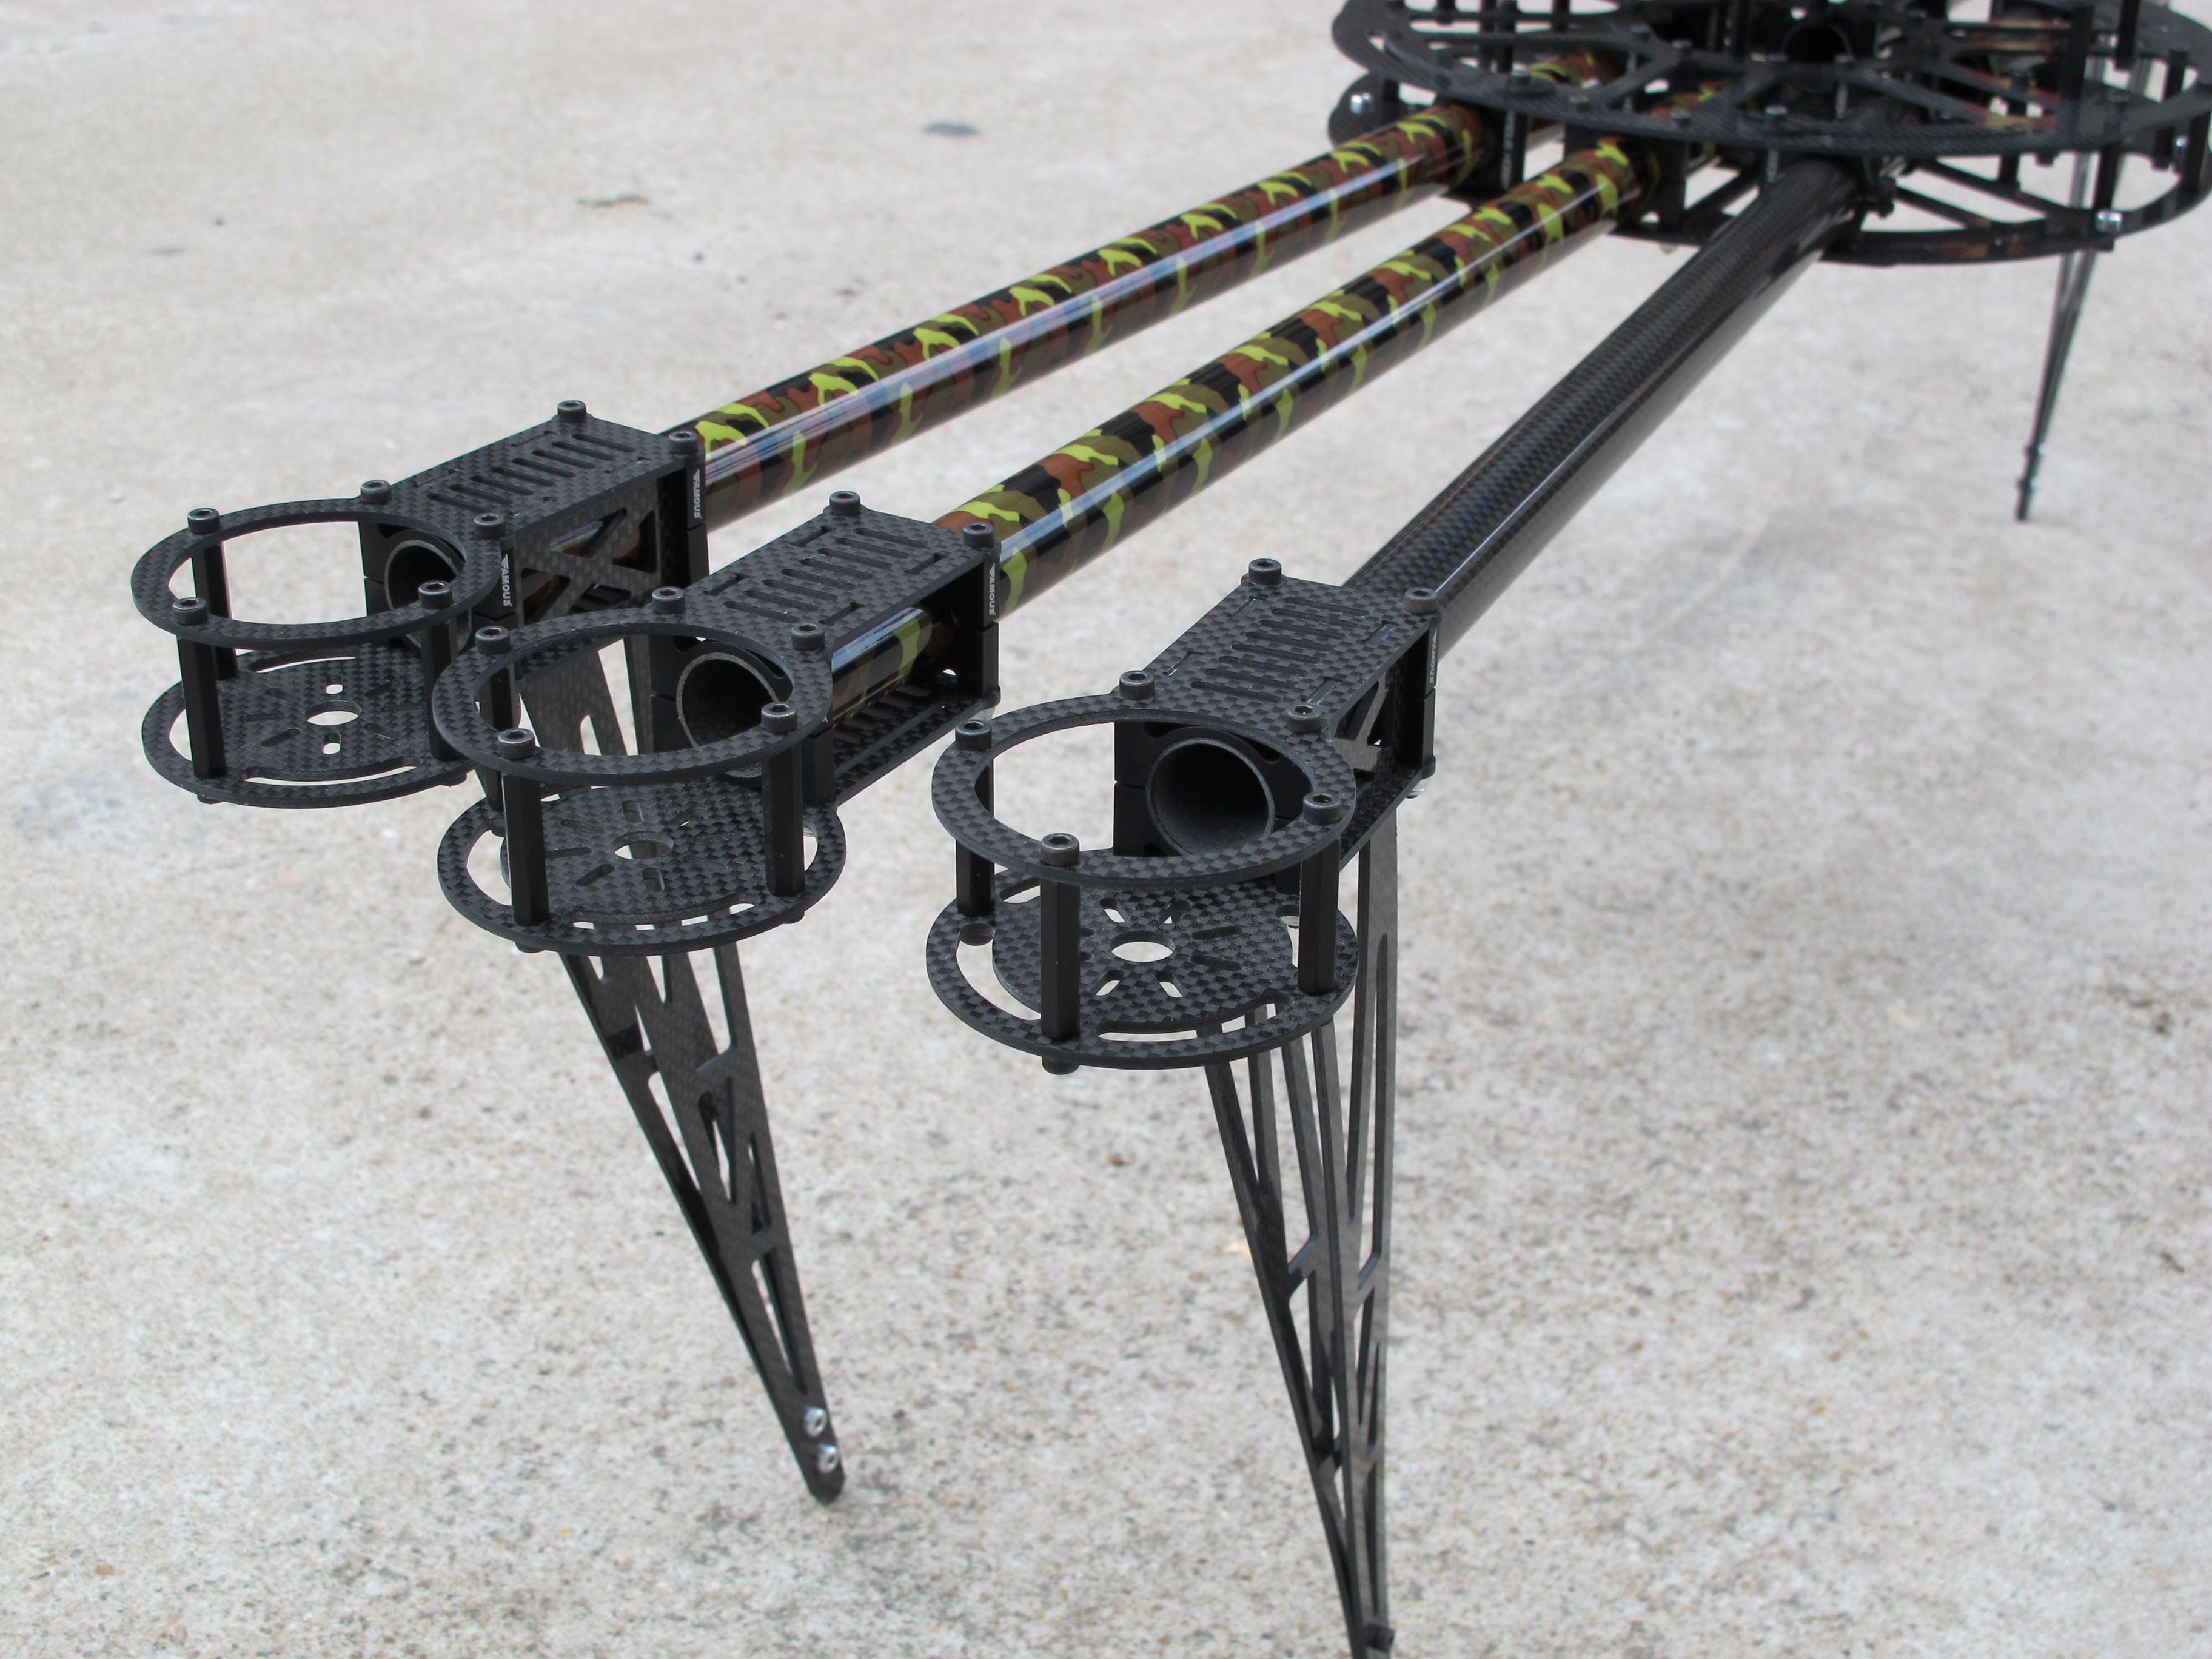 landing gear of M1000 hexacopter frame